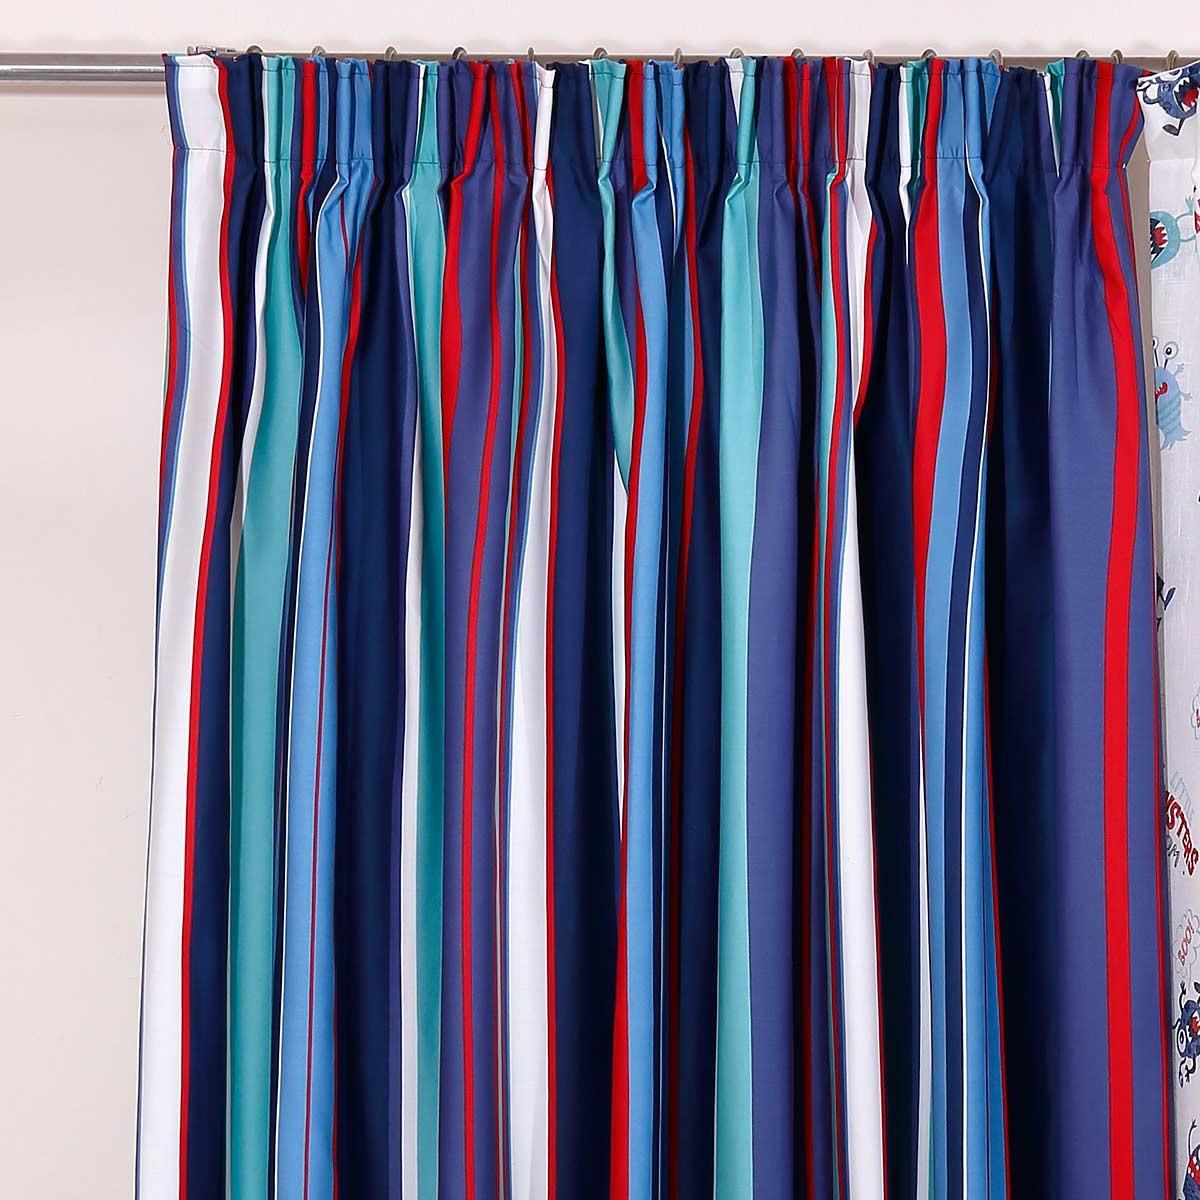 Παιδική Κουρτίνα (160x270) Viopros Curtains Έλιοτ Ριγέ